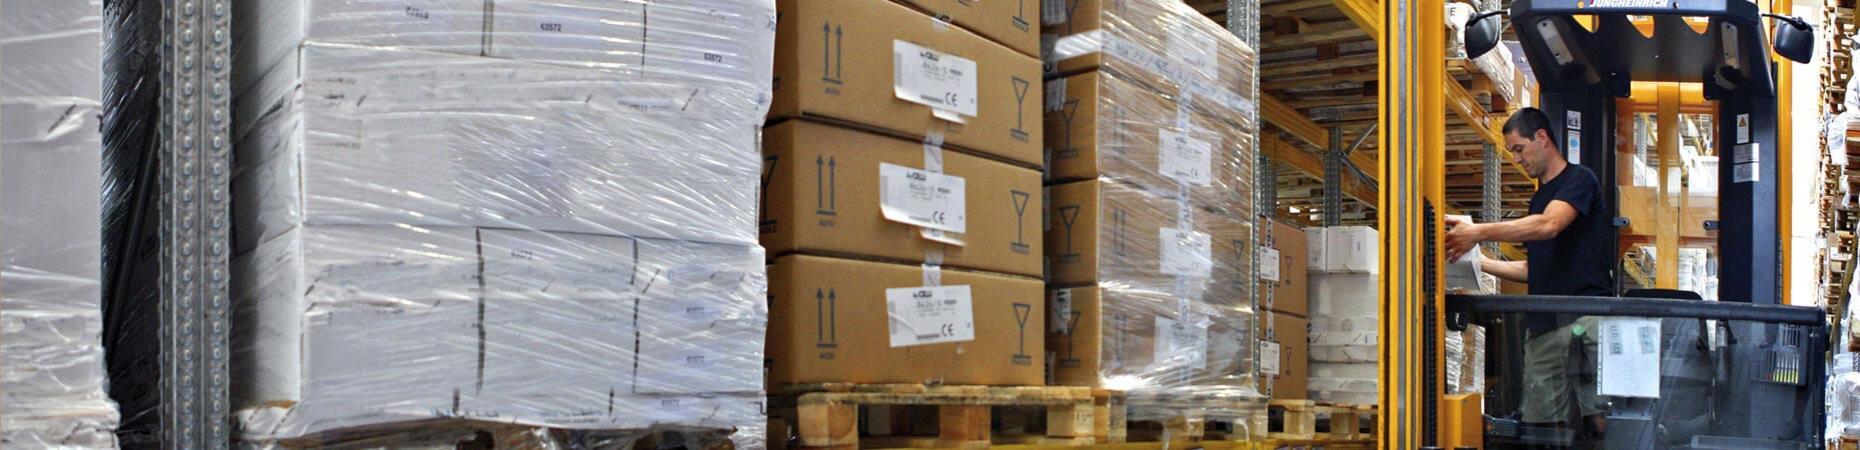 ecoservice-bologna it servizi-logistica-magazzino-bologna 005